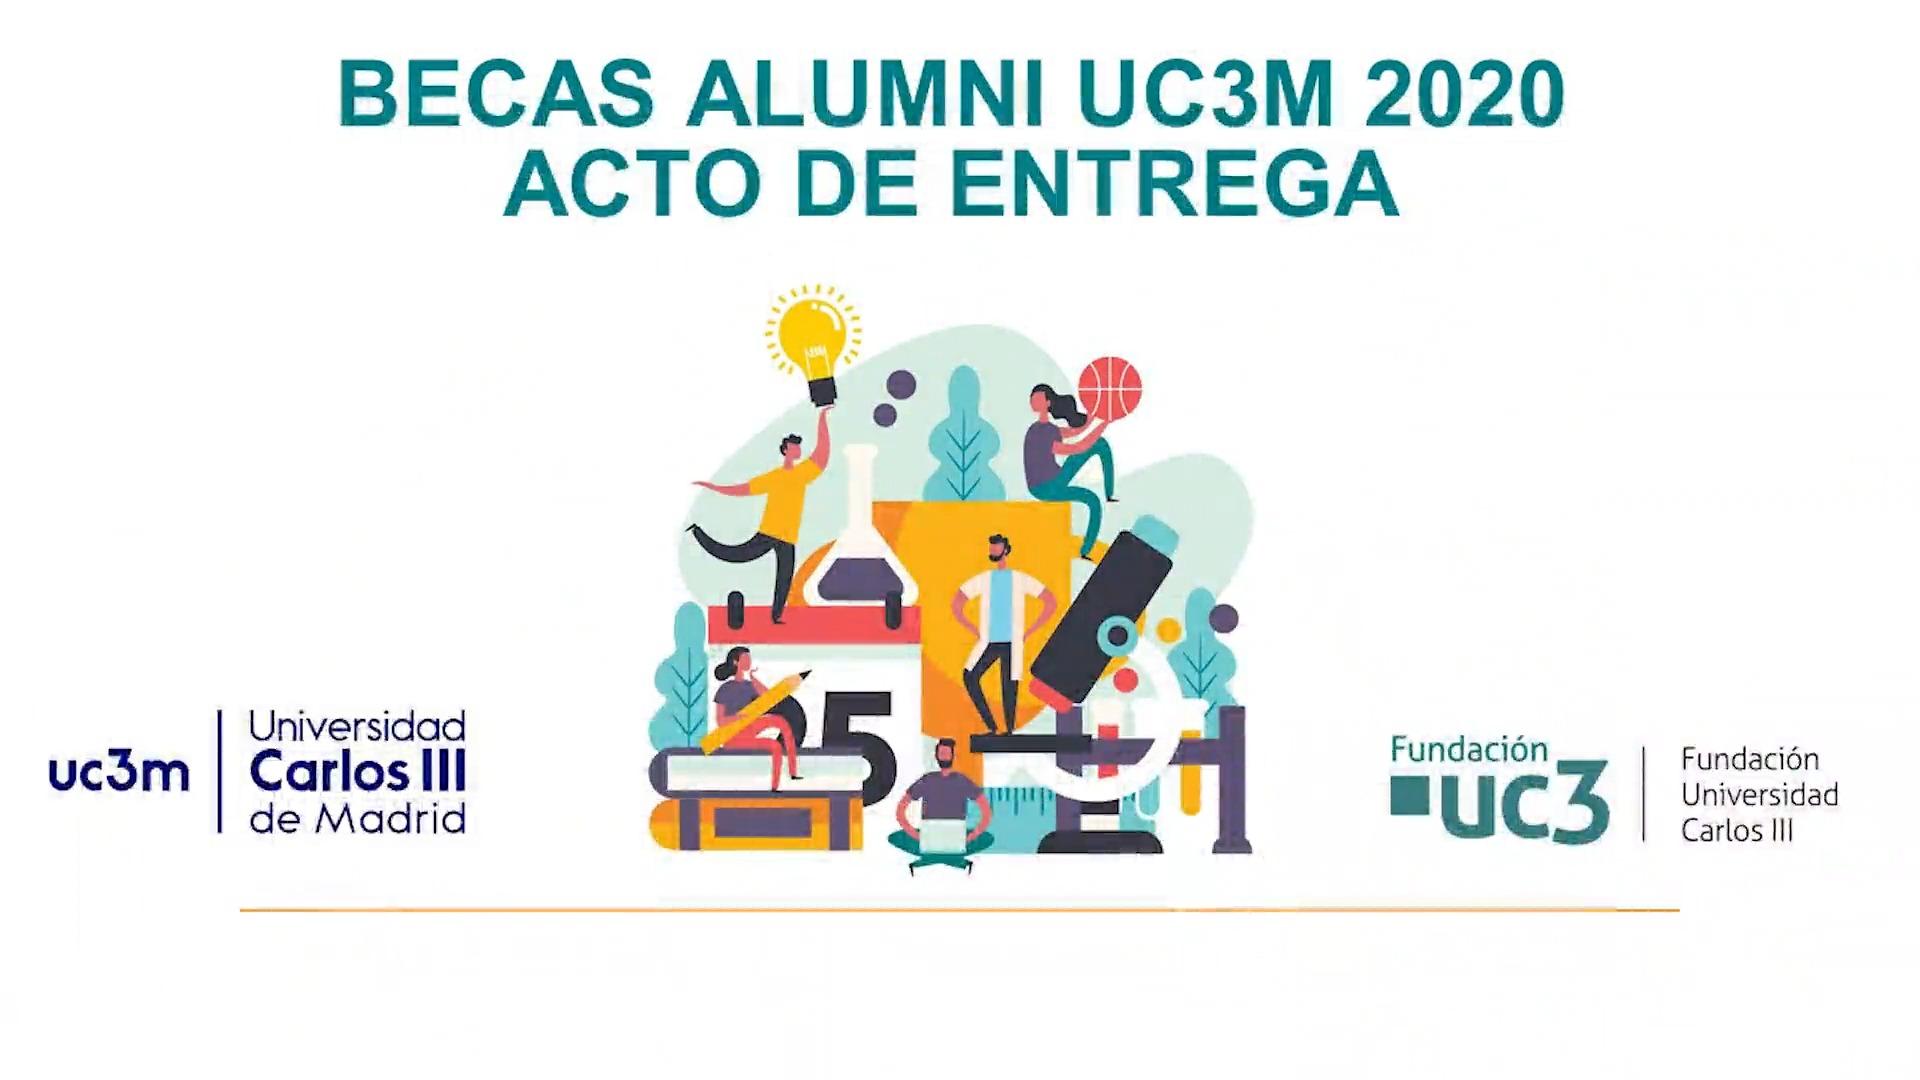 Acto de entrega de las Becas Alumni 2020